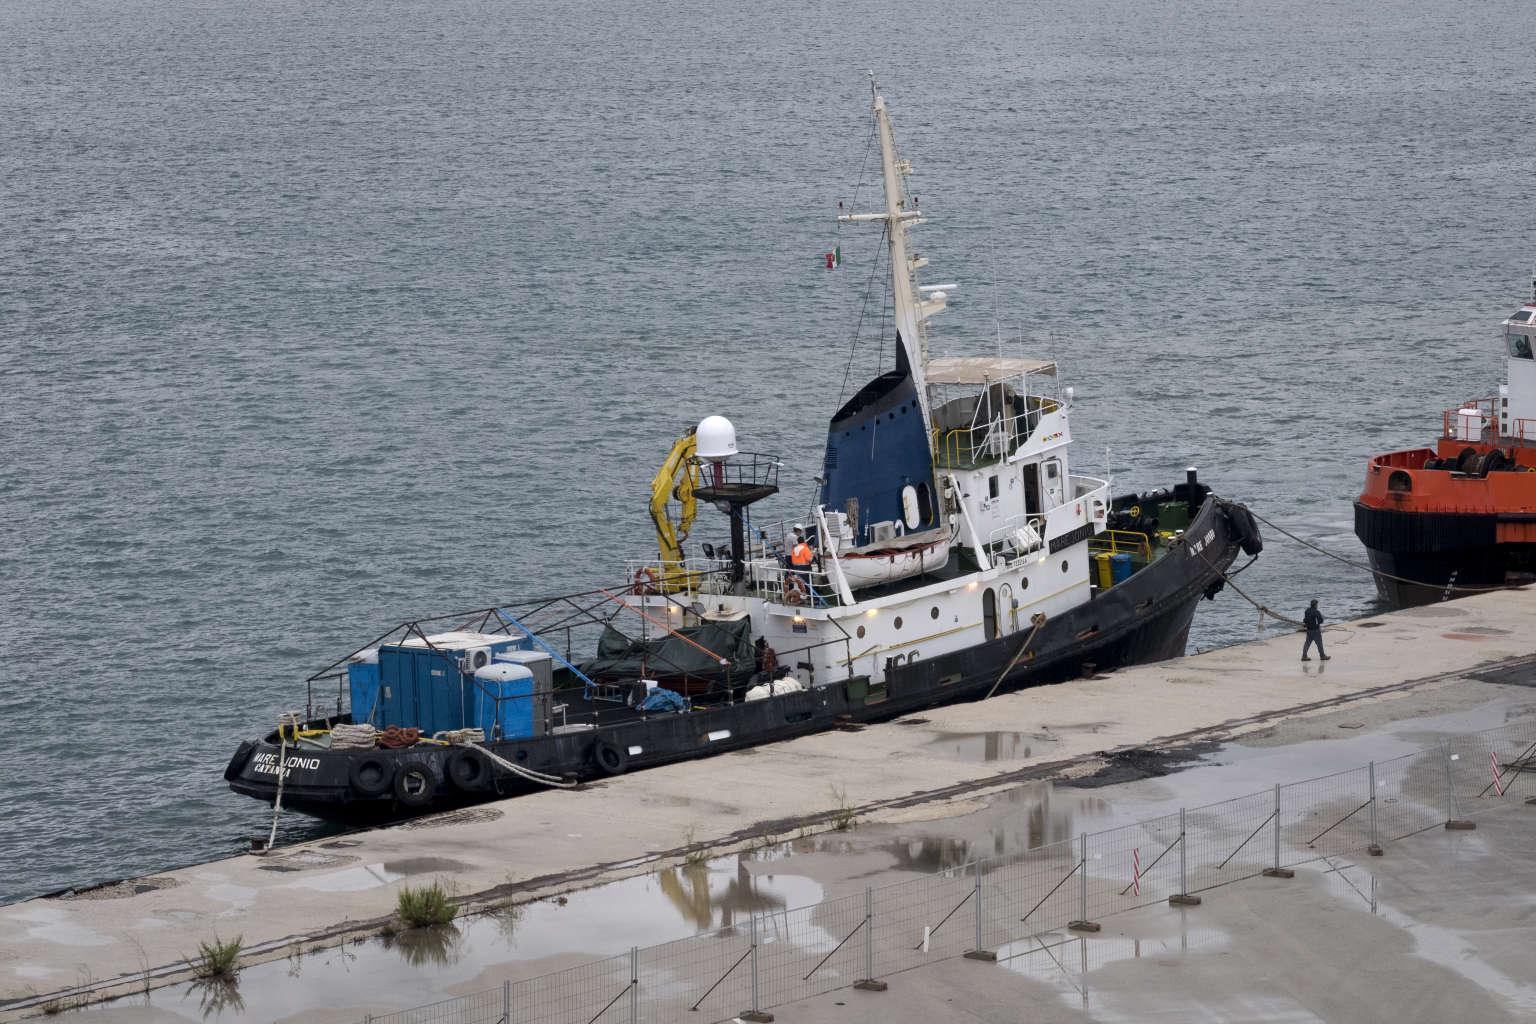 Le « Mare-Ionio » dans le port d'Augusta, en Sicile, début octobre. Crédits : Francesco Bellina / Cesura